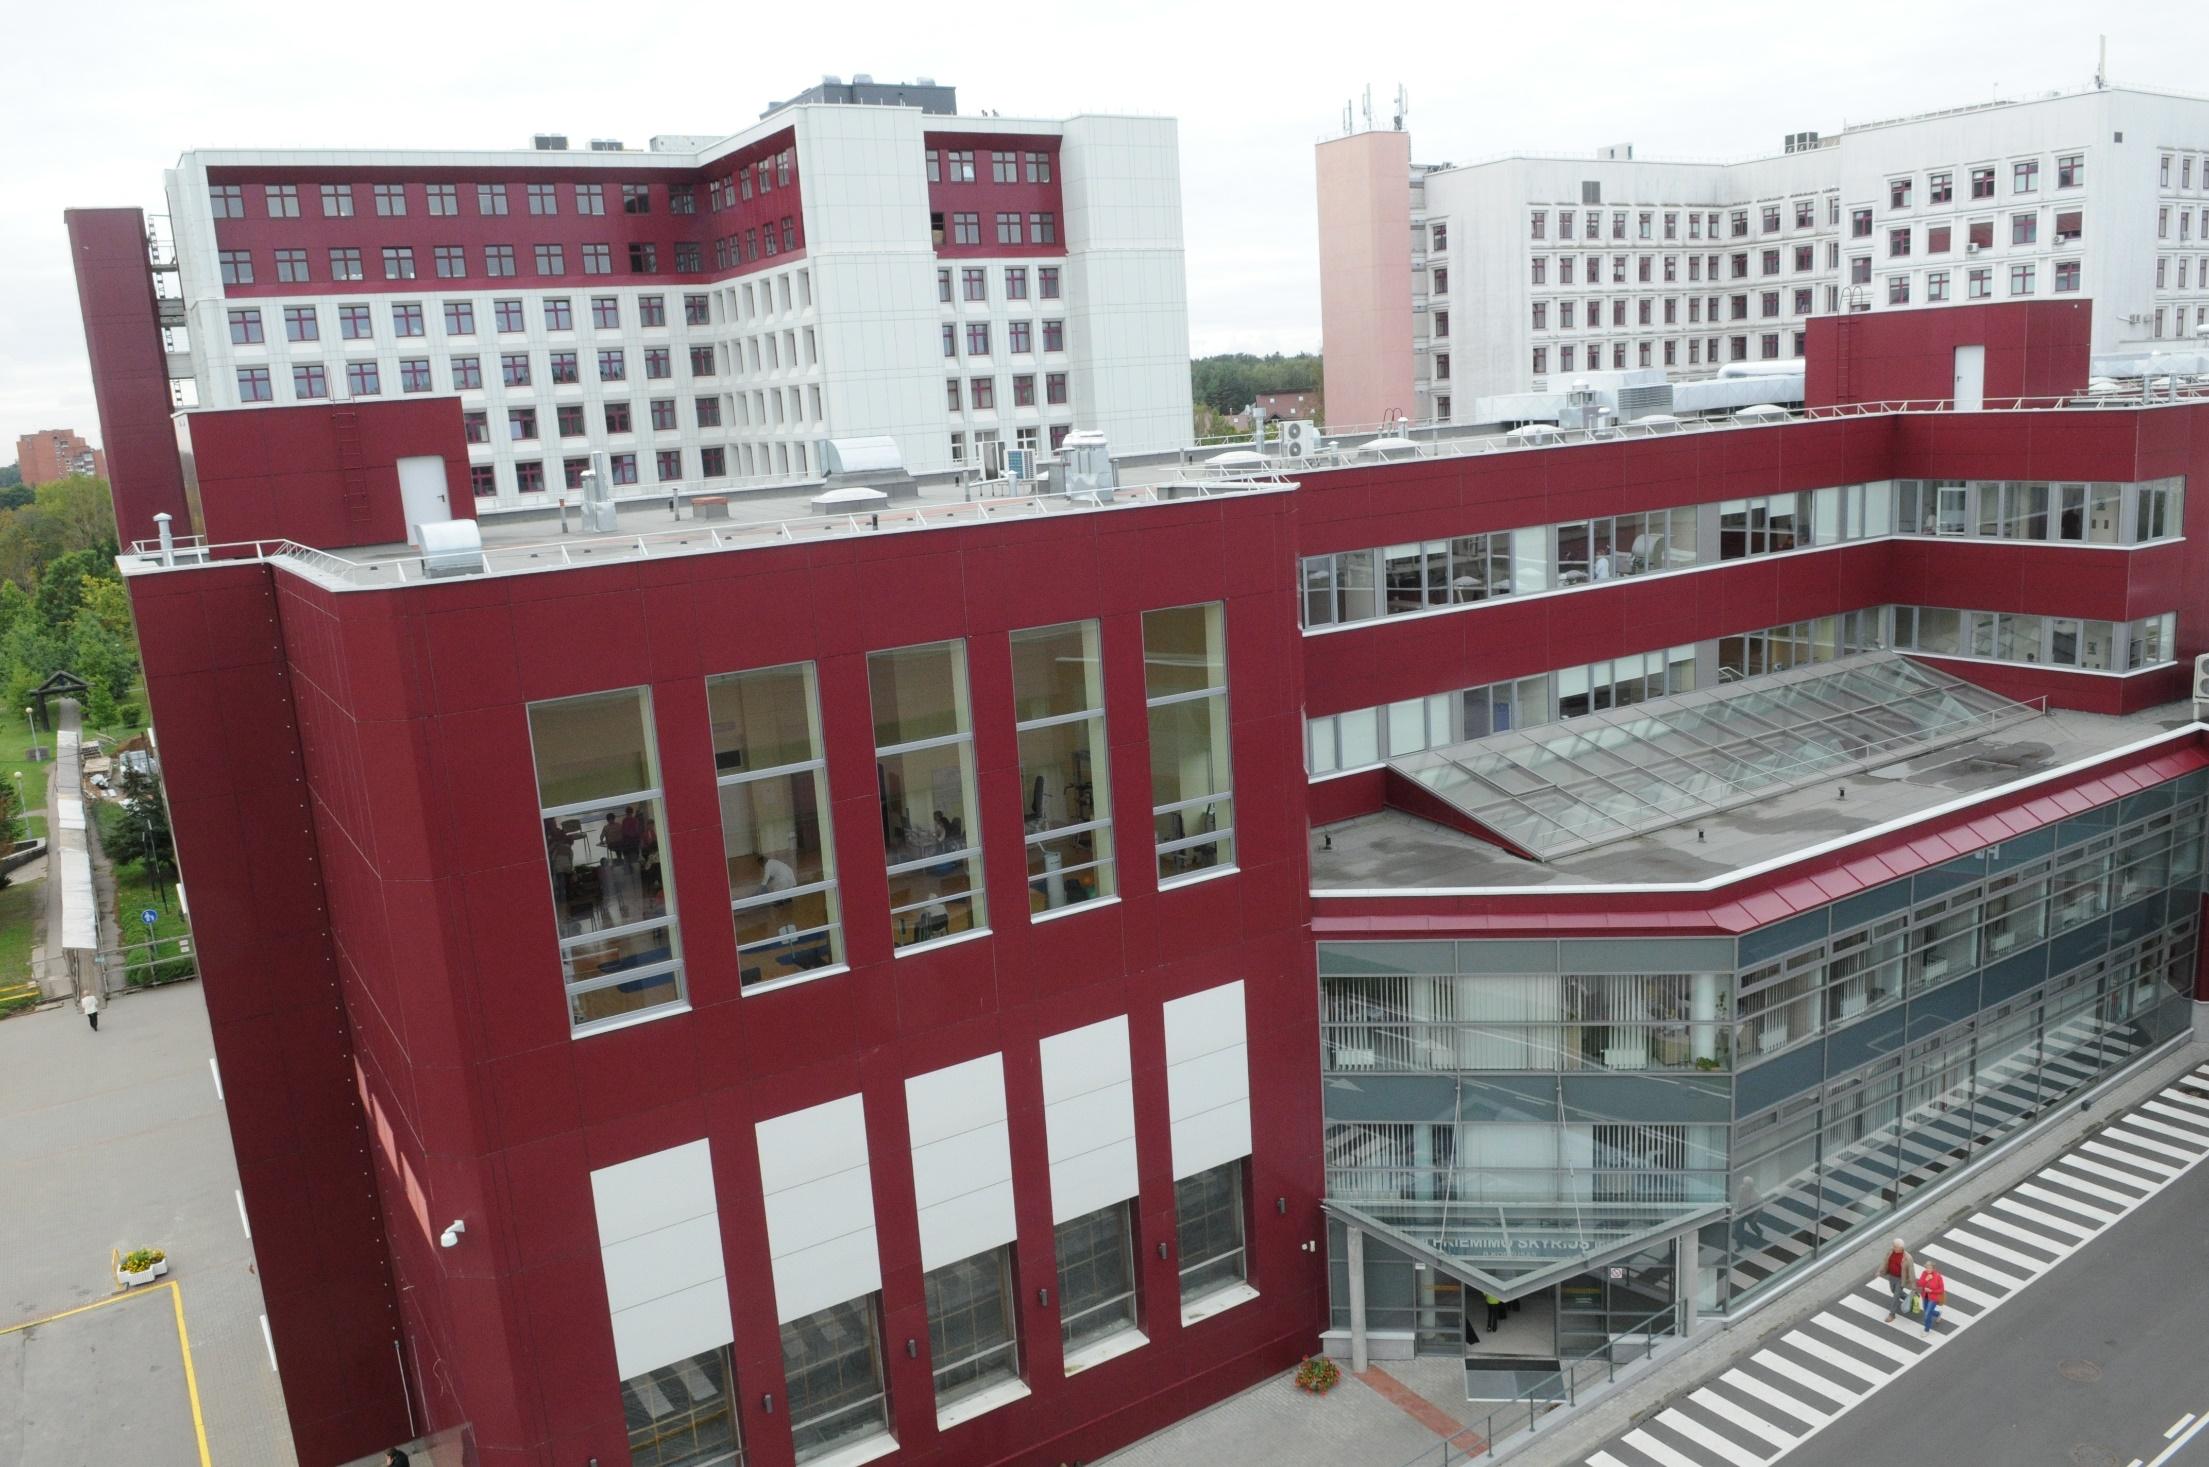 Priėmimo-skubios pagalbos skyriaus plotas išsiplėtė nuo 700 m2 išsiplėtė iki 5241 m2, o Ambulatorinės reabilitacijos skyriaus patalpos padidėjo nuo 1722 m2 iki 2988 m2.